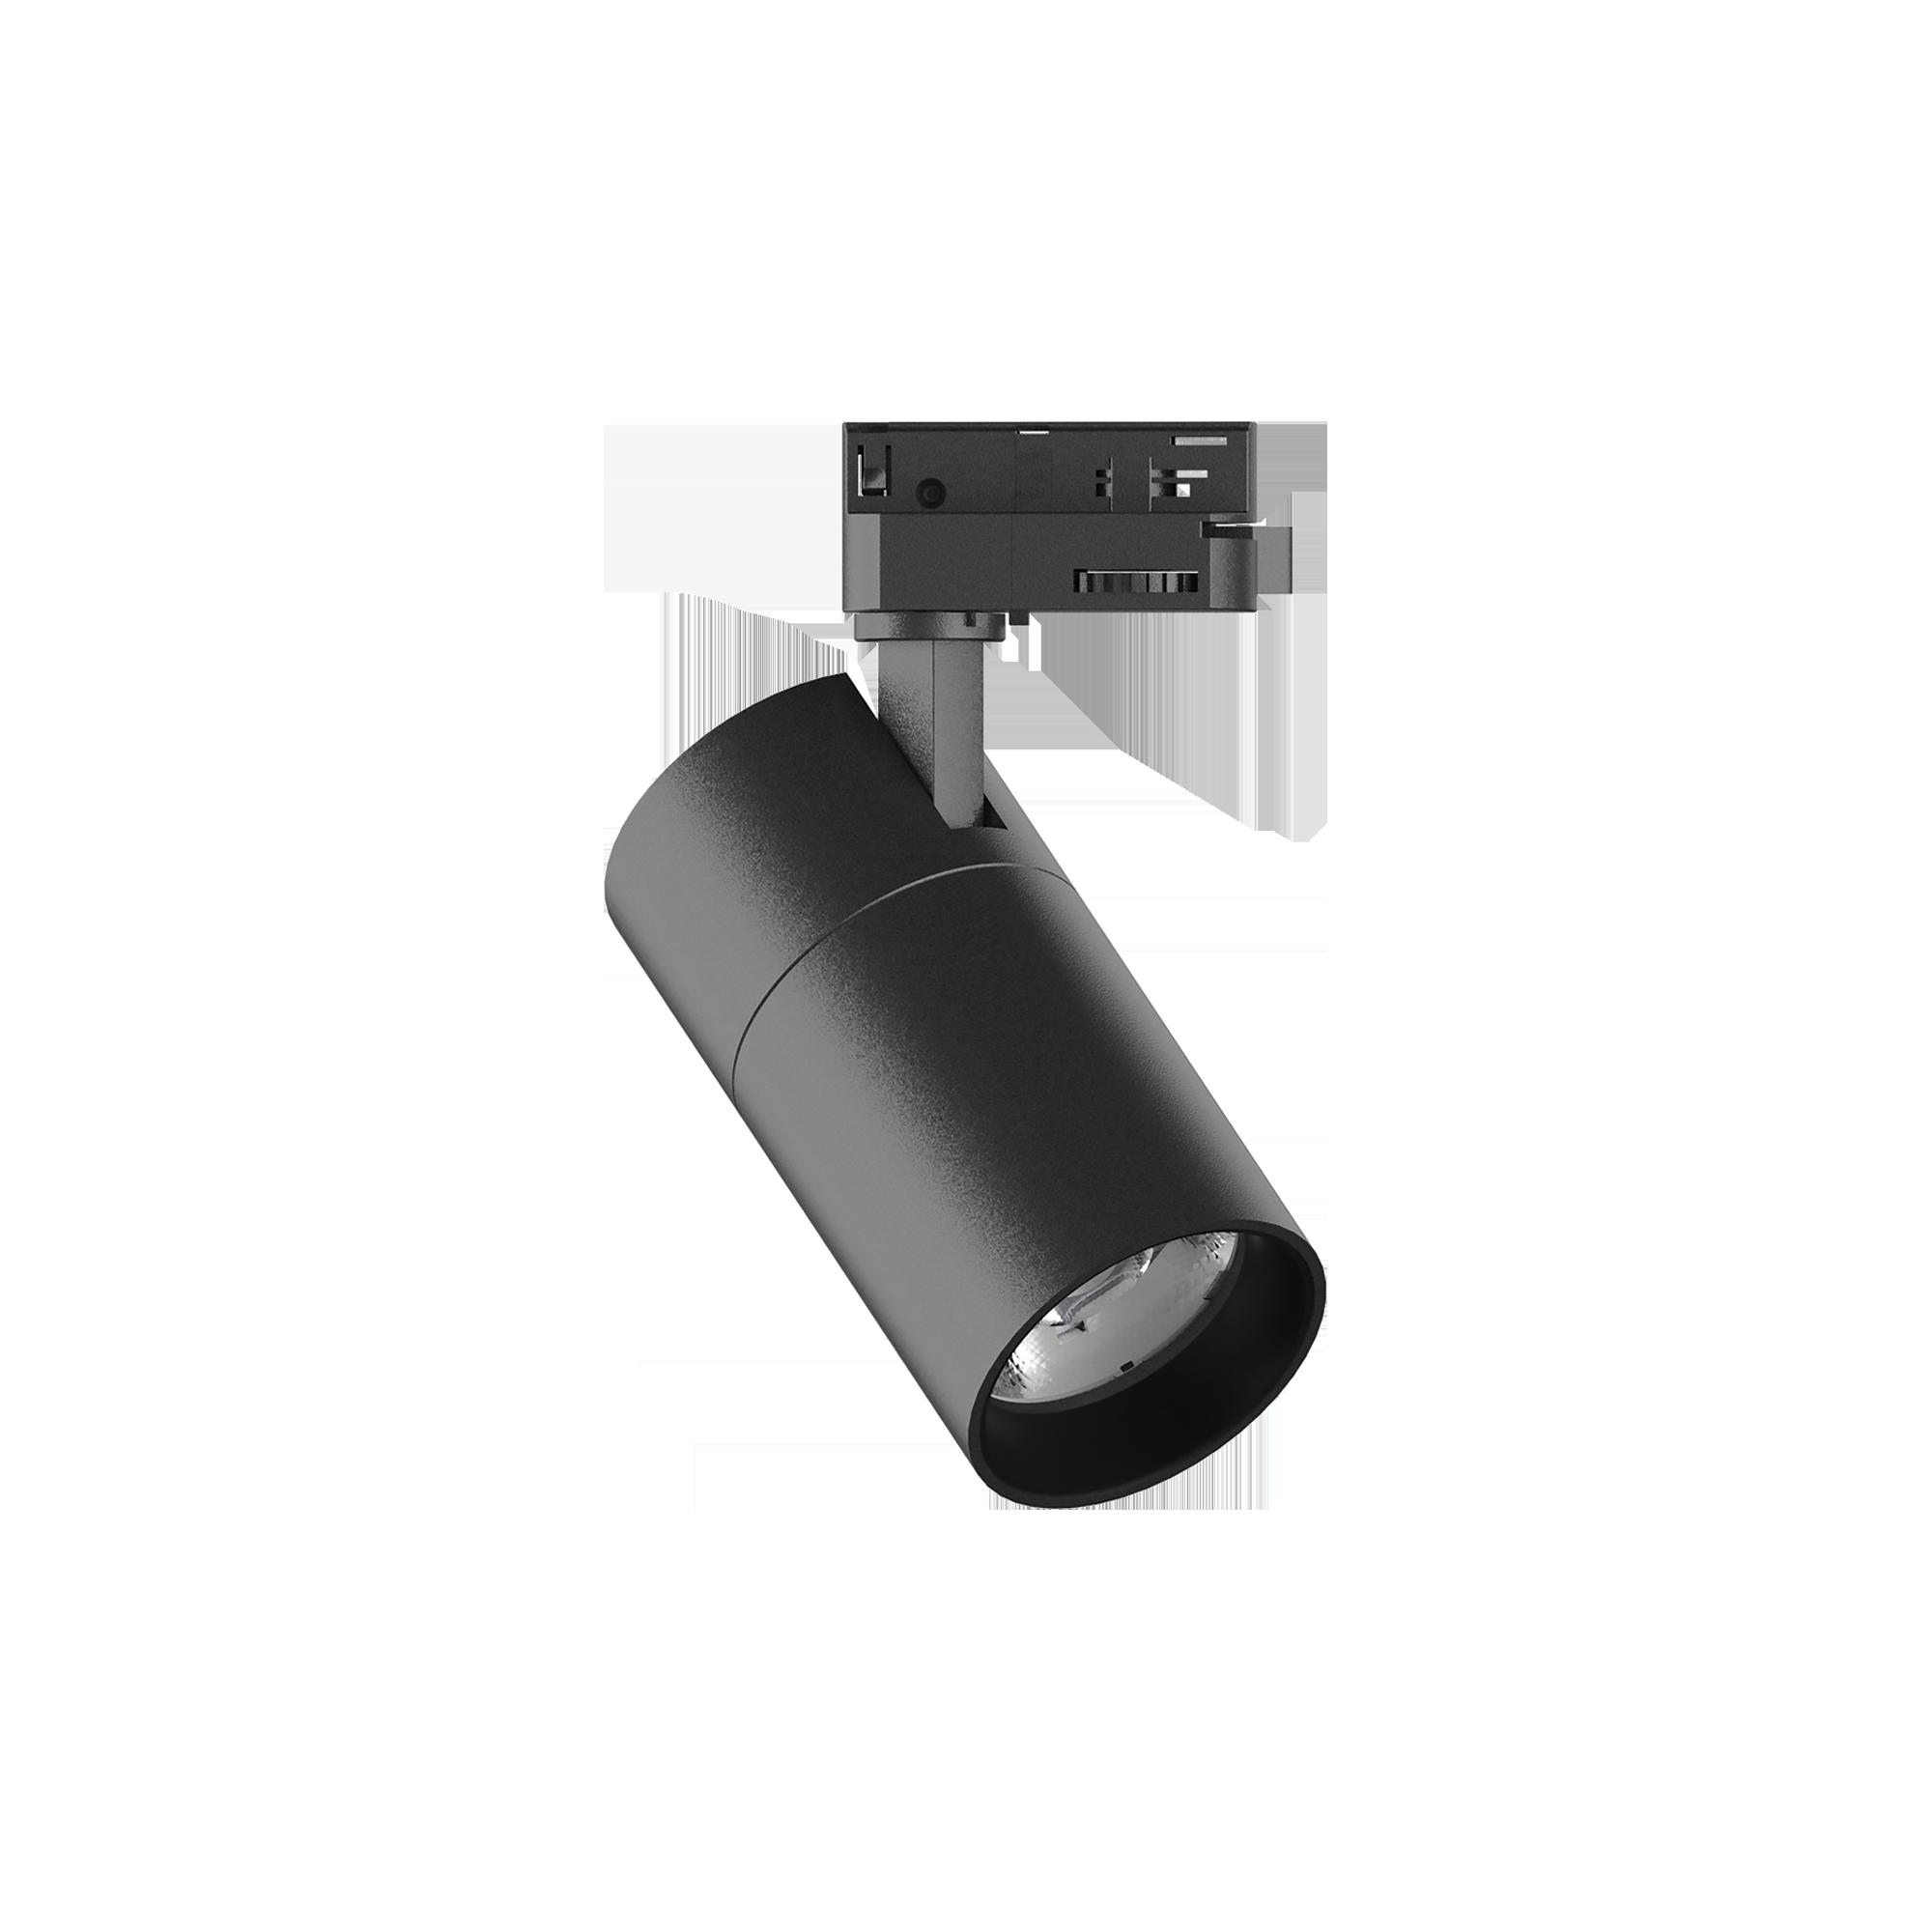 Светодиодный светильник для шинной системы Ideal Lux QUICK 15W CRI80 30° 4000K BK ON-OFF 222547 (QUICK 15W CRI80 30° 4000K BLACK), LED 15W 4000K 1800lm, черный, металл - фото 1